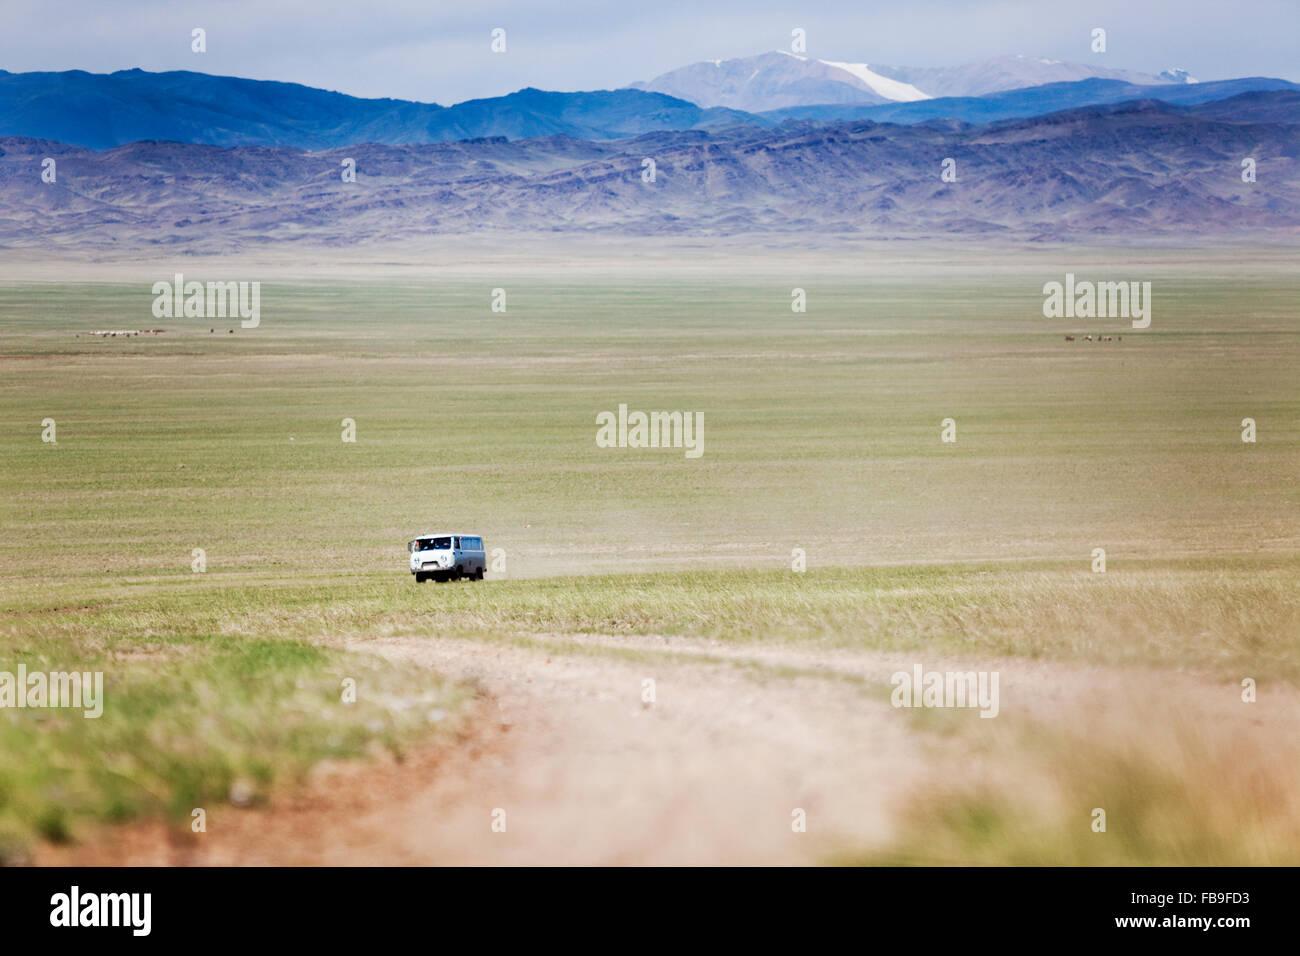 """Un ruso """"pan pan' van en la carretera en el lejano oeste de Mongolia. Imagen De Stock"""